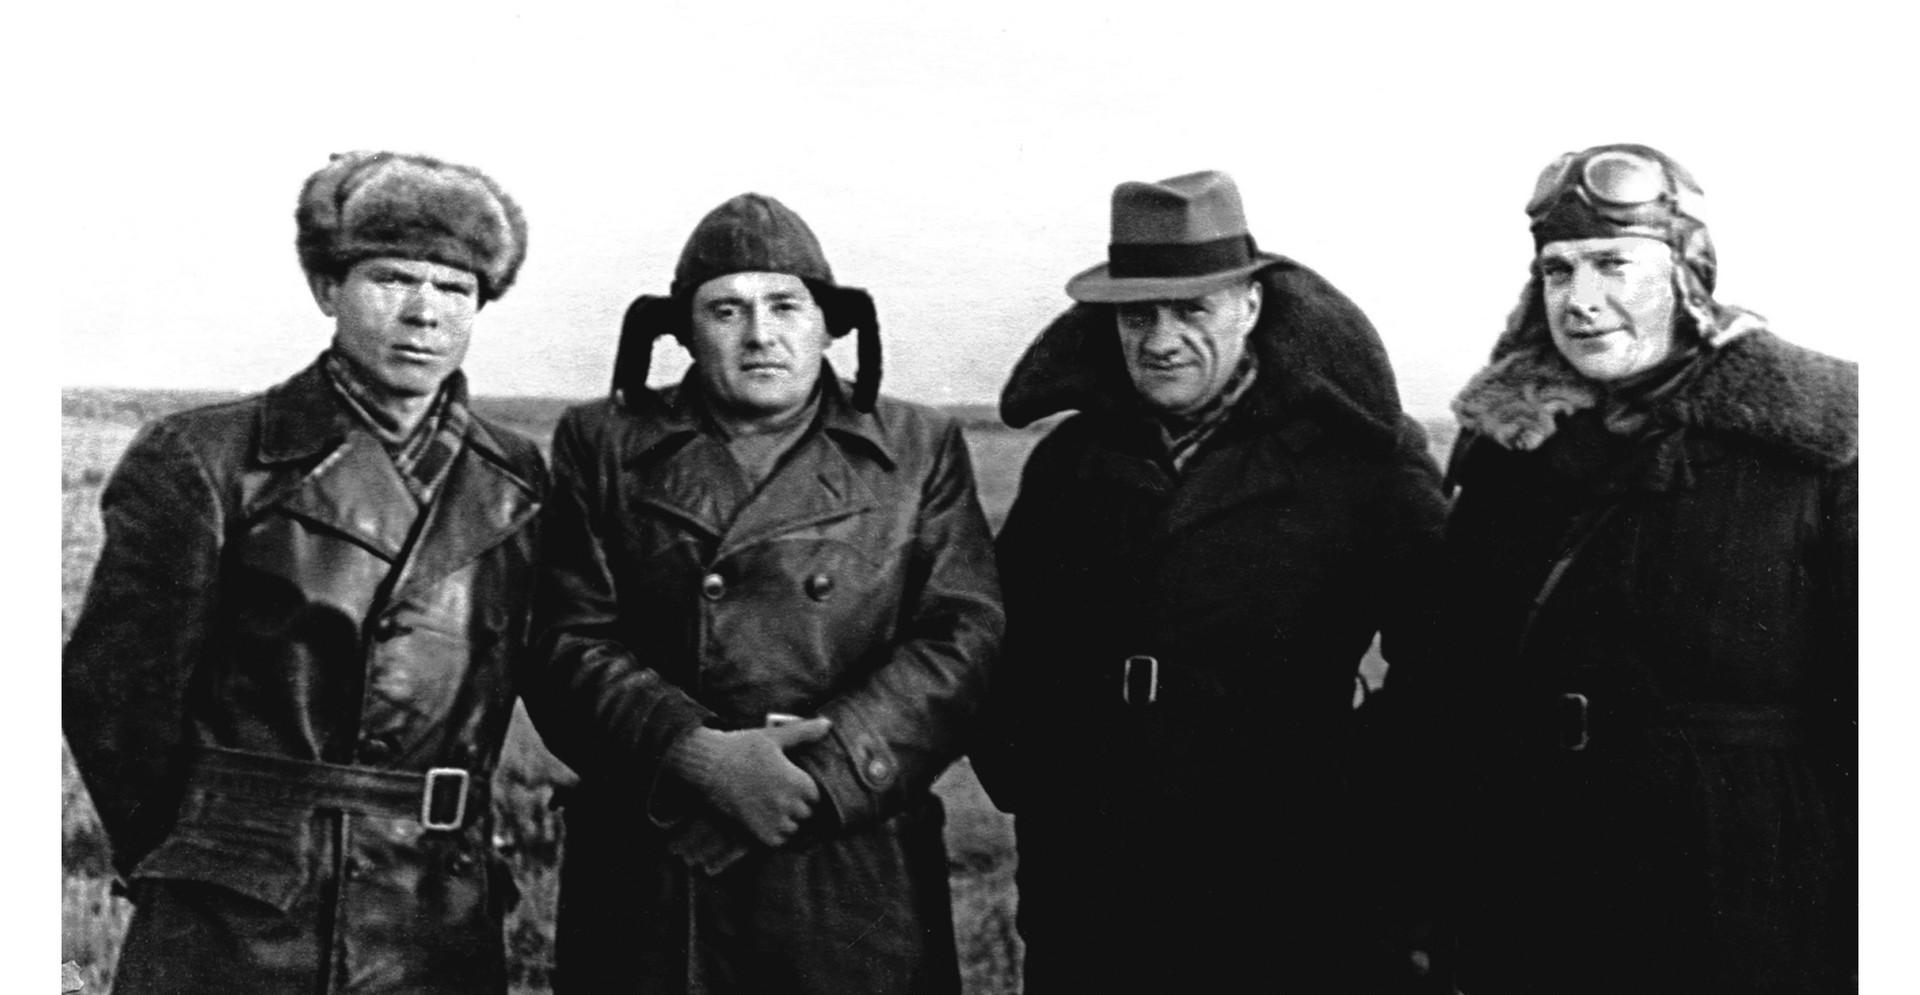 М.К. Янгель, С.П. Королёв, Н.А. Пилюгин, М.С. Рязанский. Капустин Яр. 1947 г.